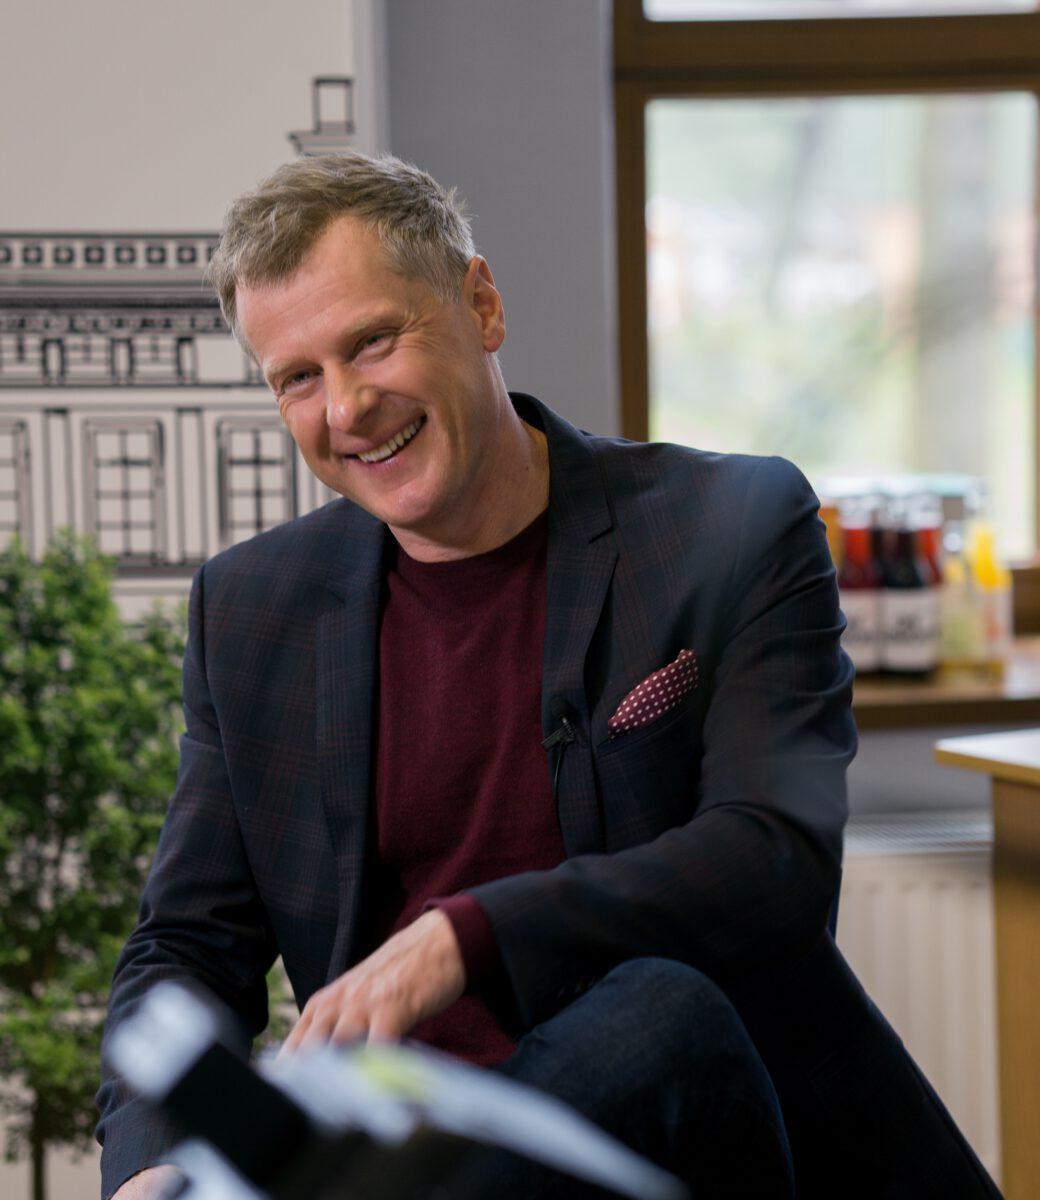 Uśmiechnięty Krzysztof Respondek siedzi na krześle w ciemnej marynarce.